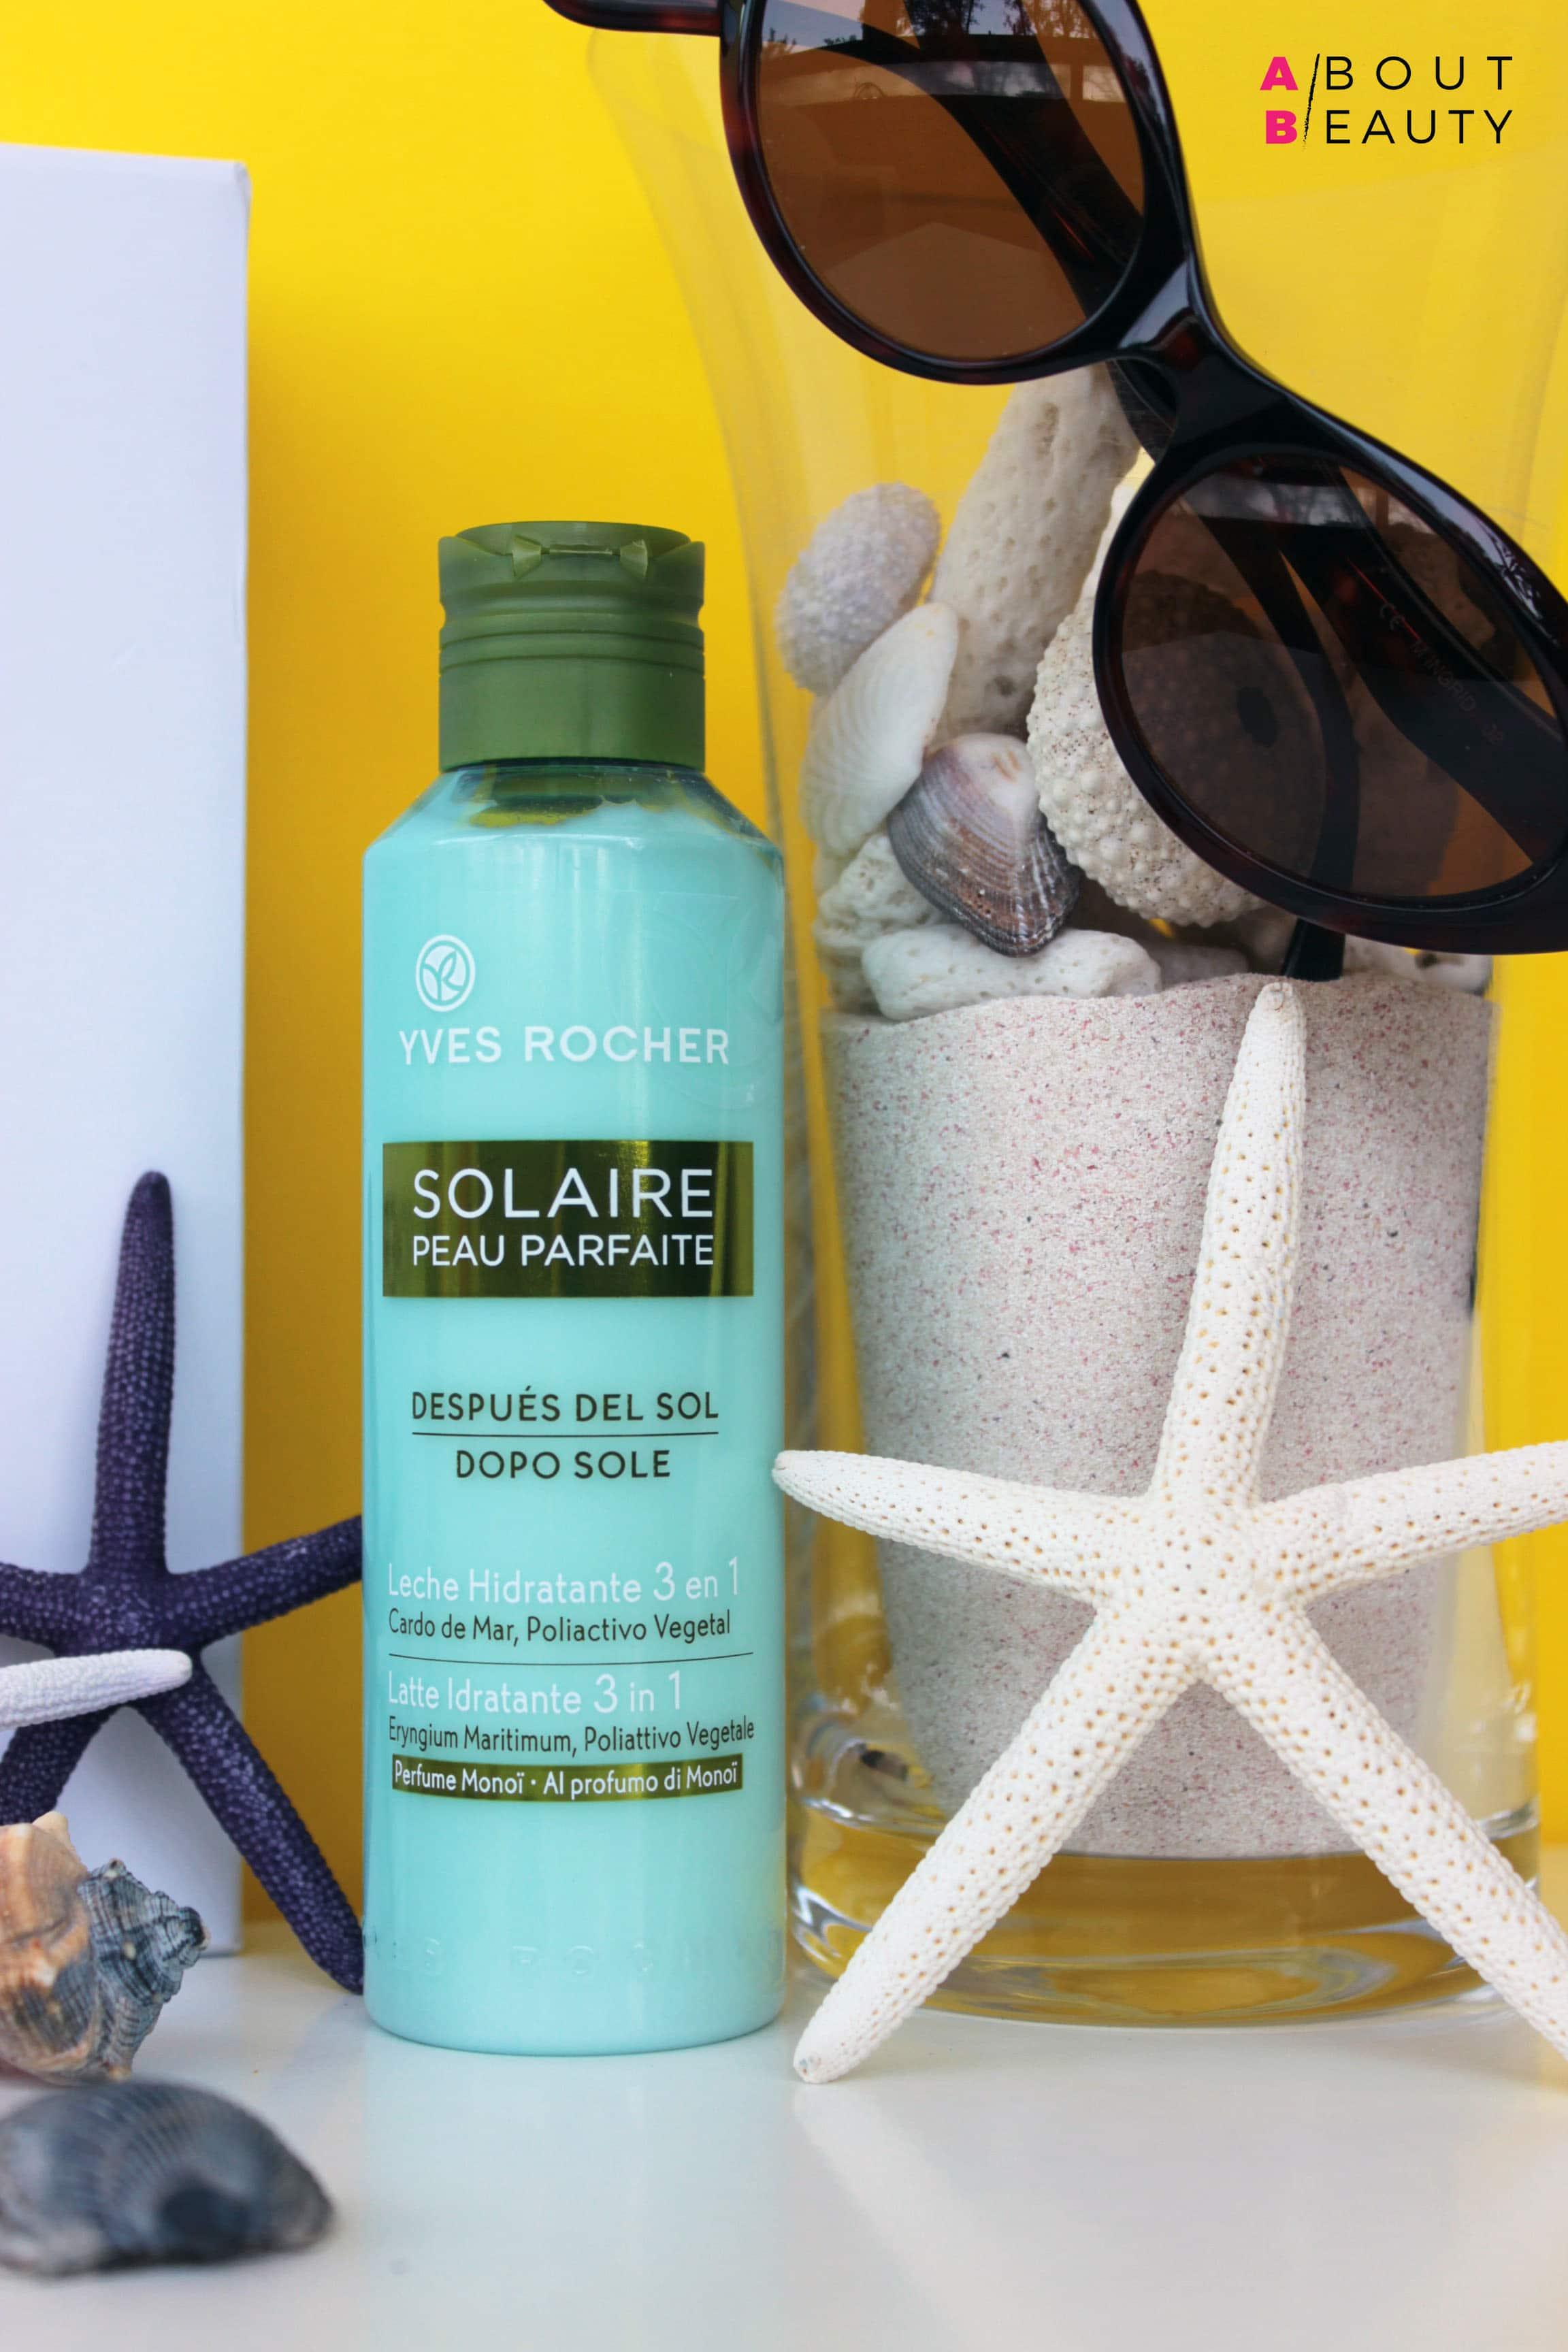 Al mare con i solari Yves Rocher Solaire Peau Parfaite - Latte Idratante 3 in 1 Doposole - Recensione, INCI, info, prezzo